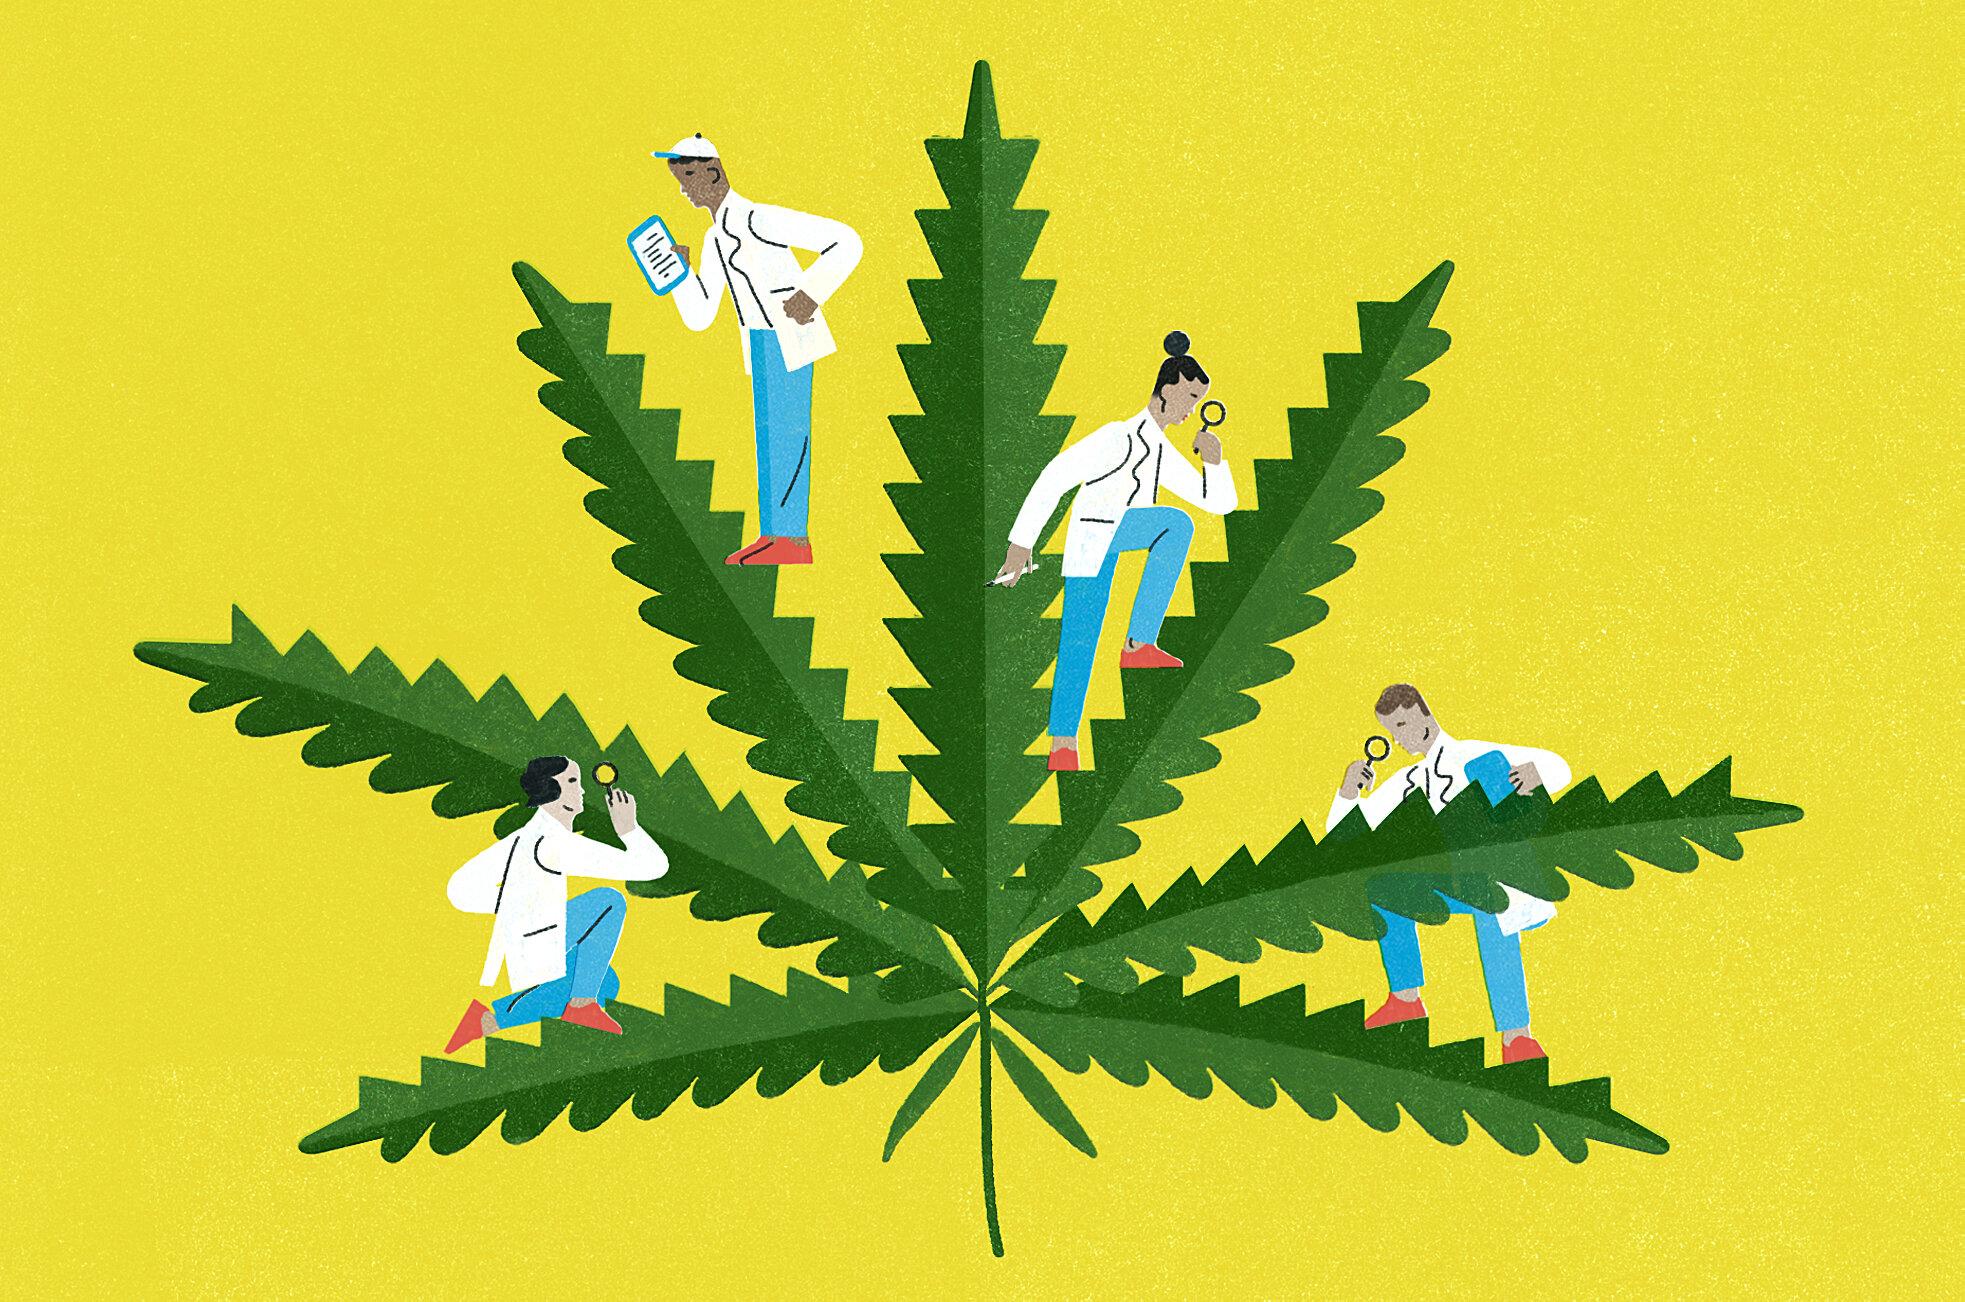 ООН исключила медицинский каннабис из списка опасных наркотиков